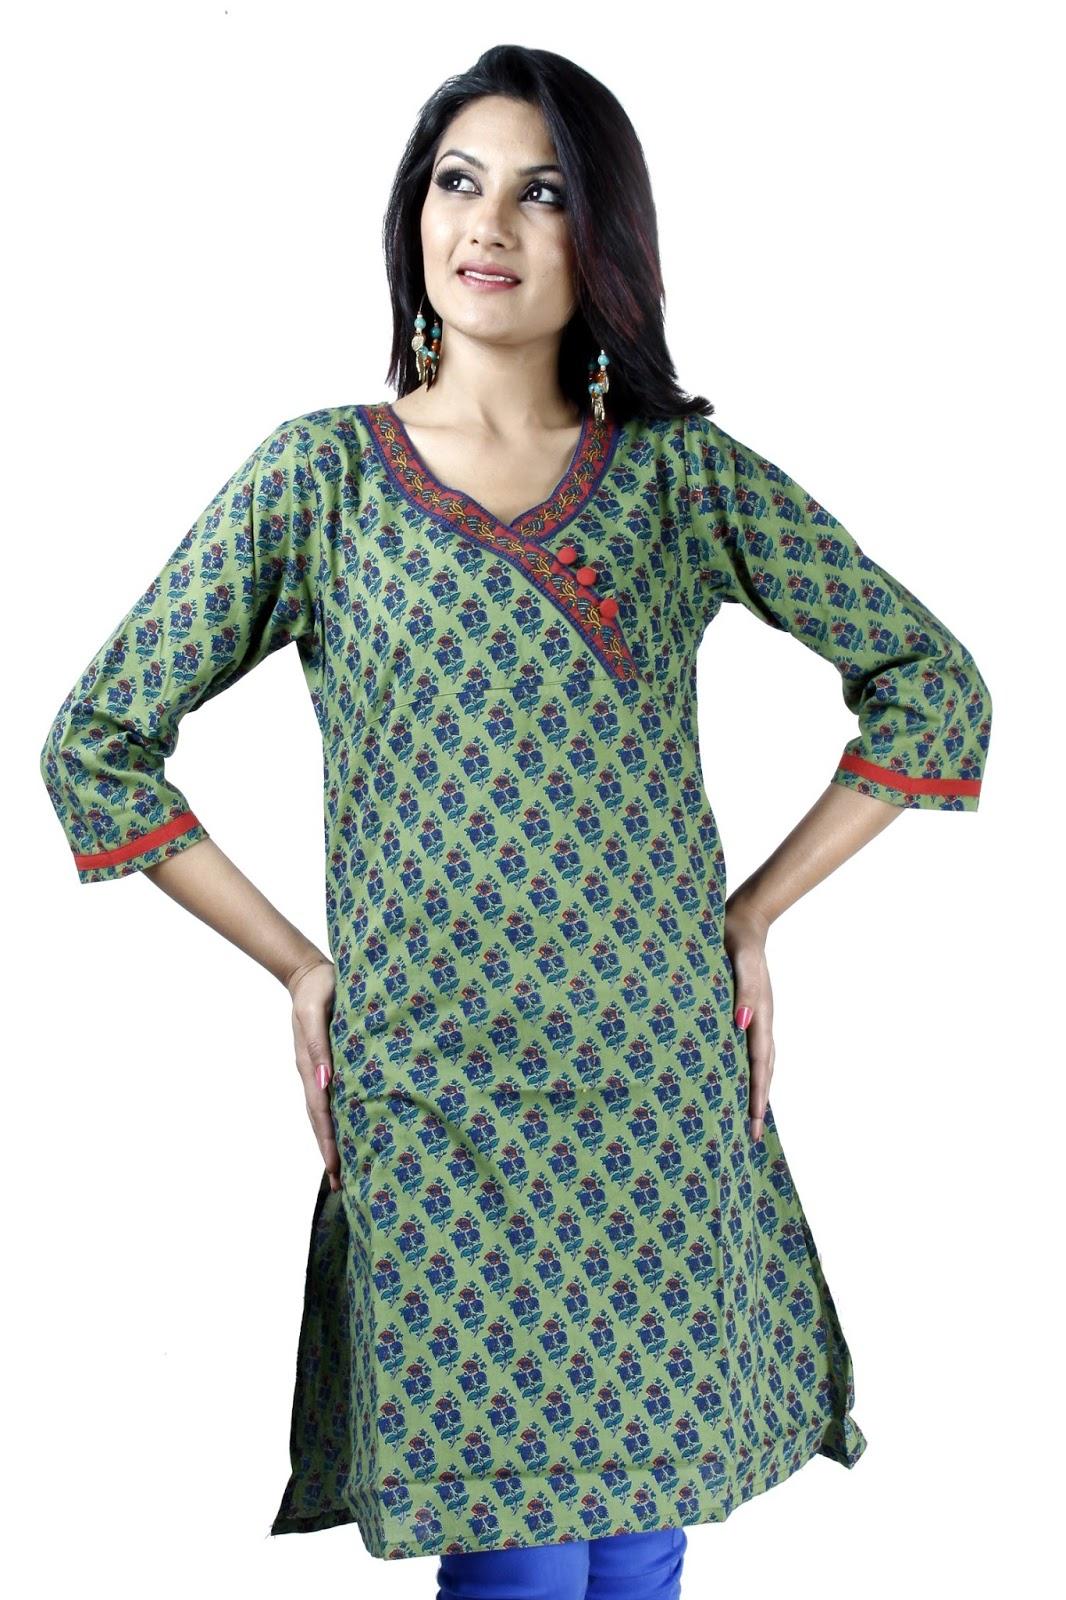 Designer kurtis images designer kurti patters images and for Images of designer